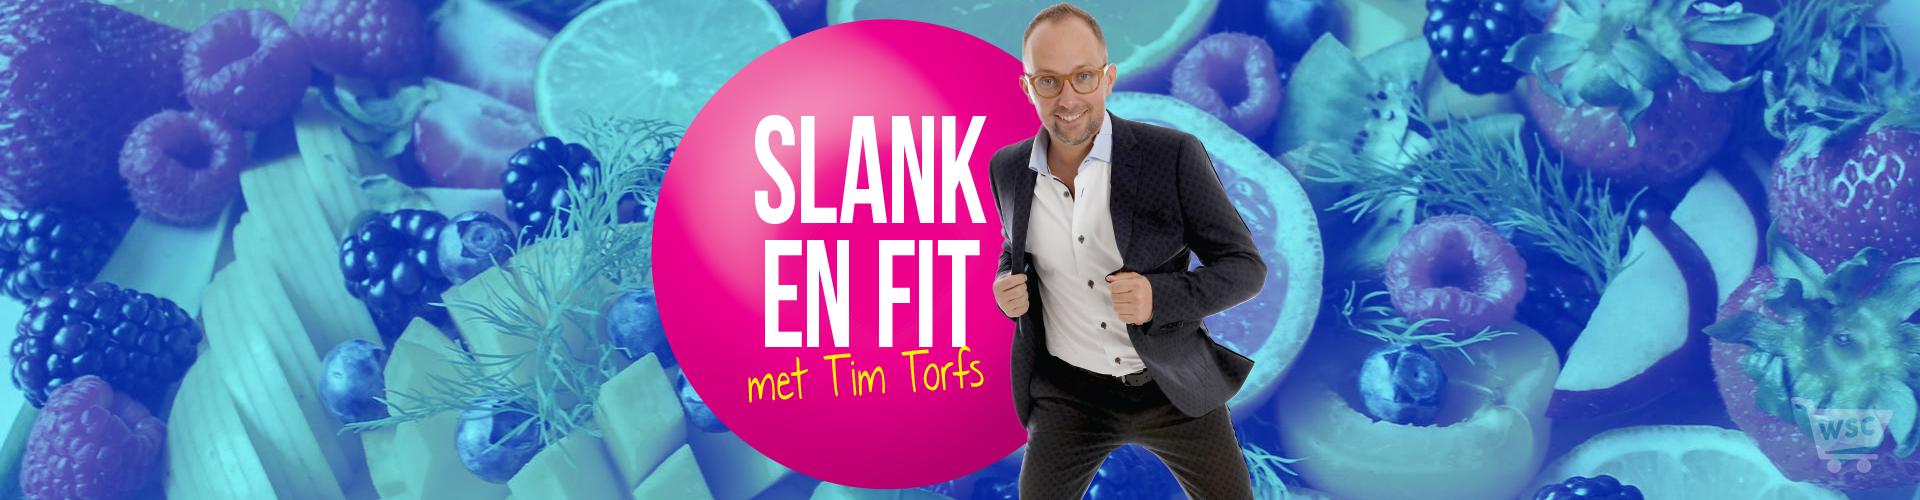 Tim Torfs Slank in 9 weken